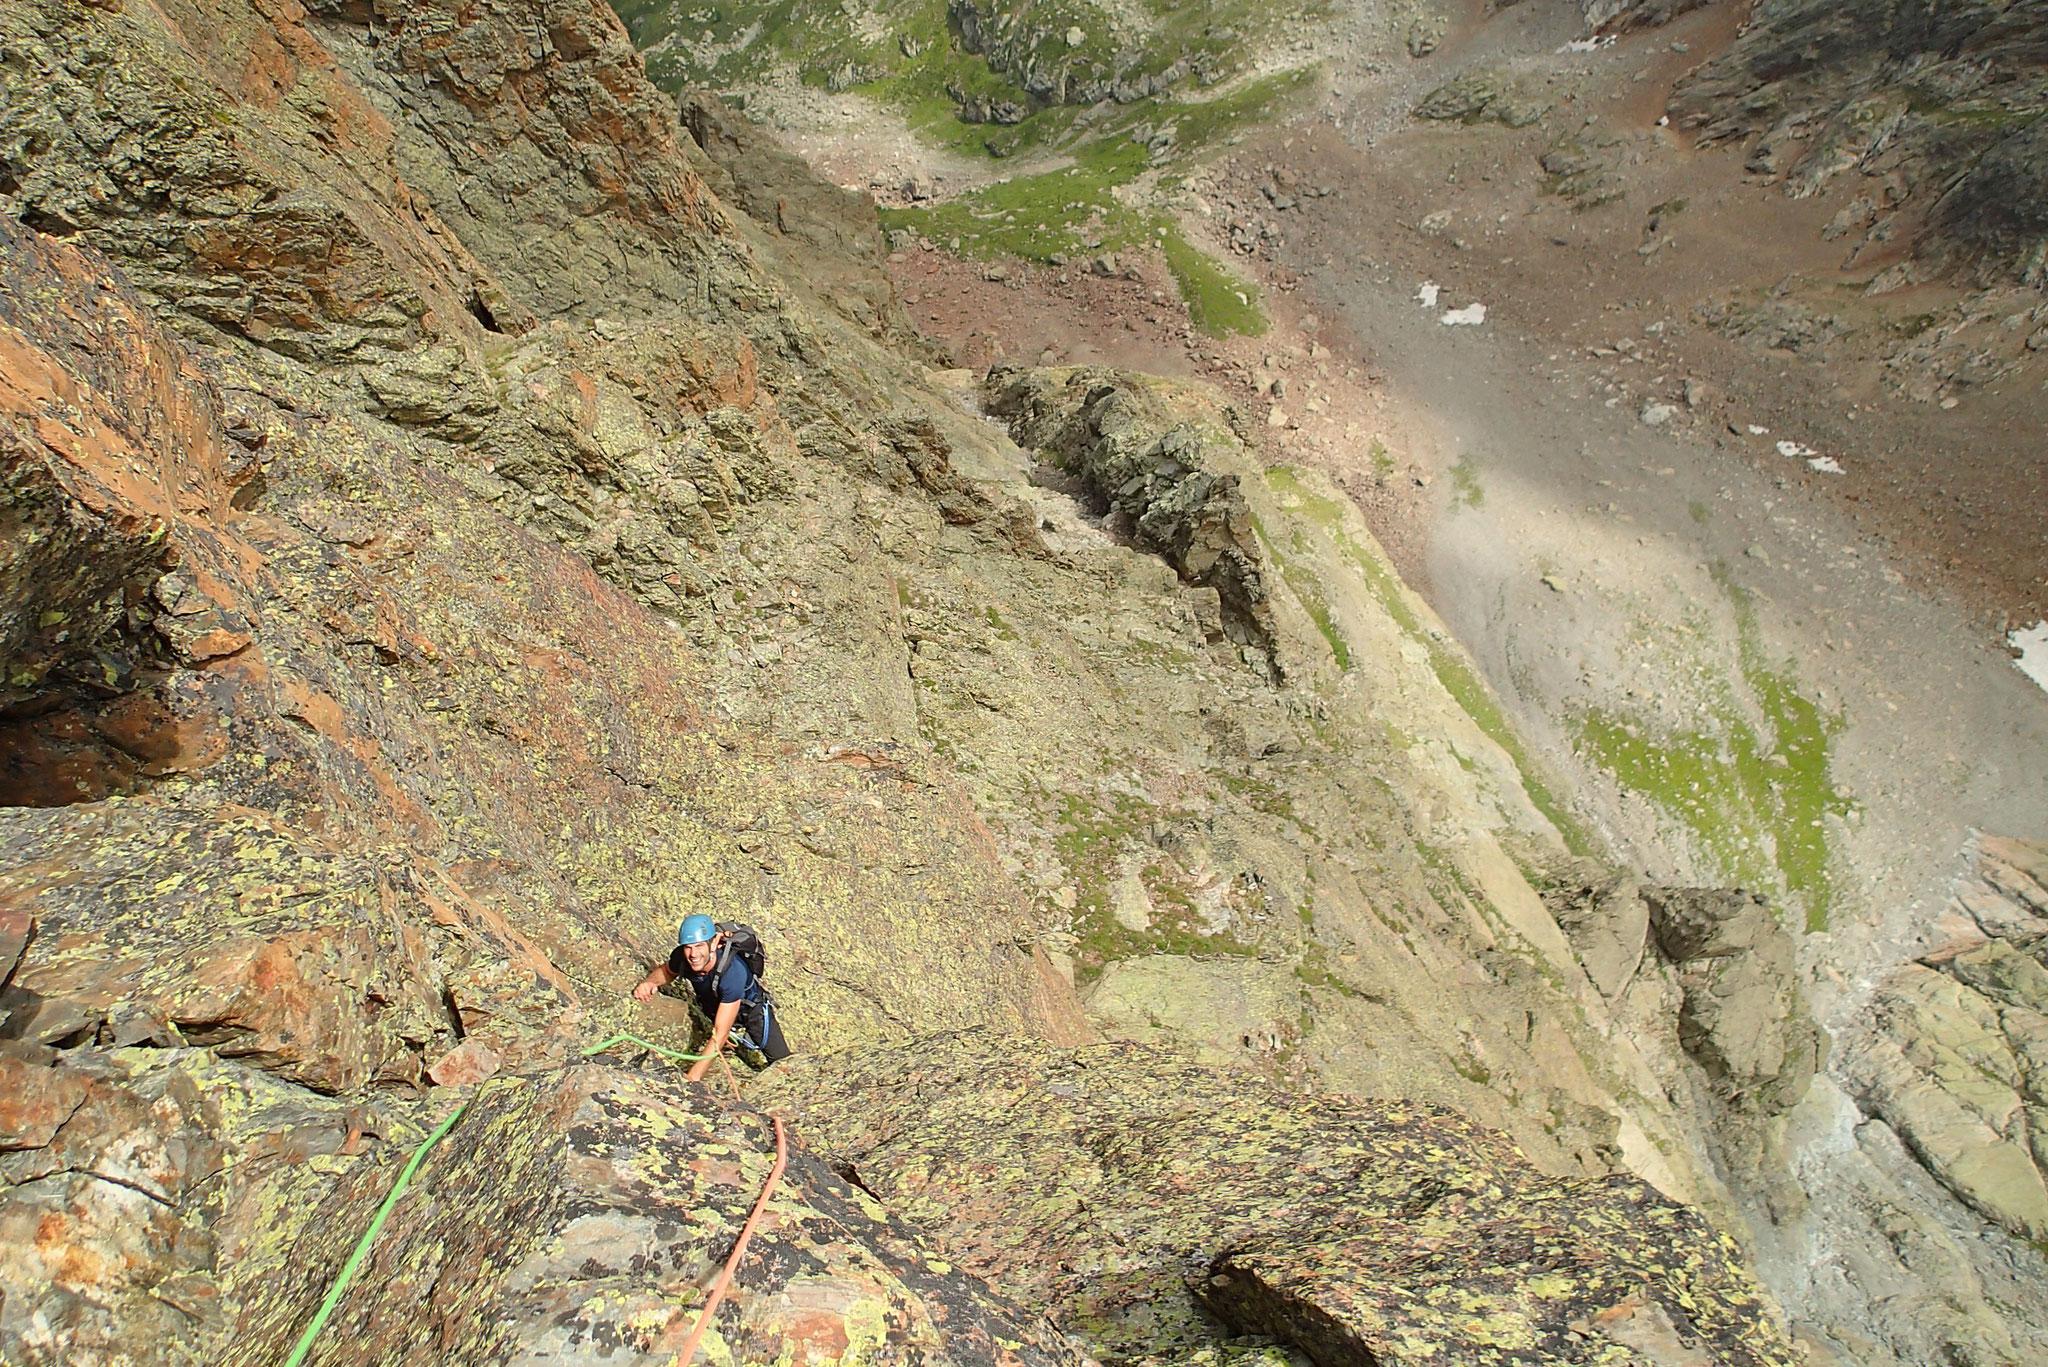 Dernière longueur avant le sommet, et belle ambiance !